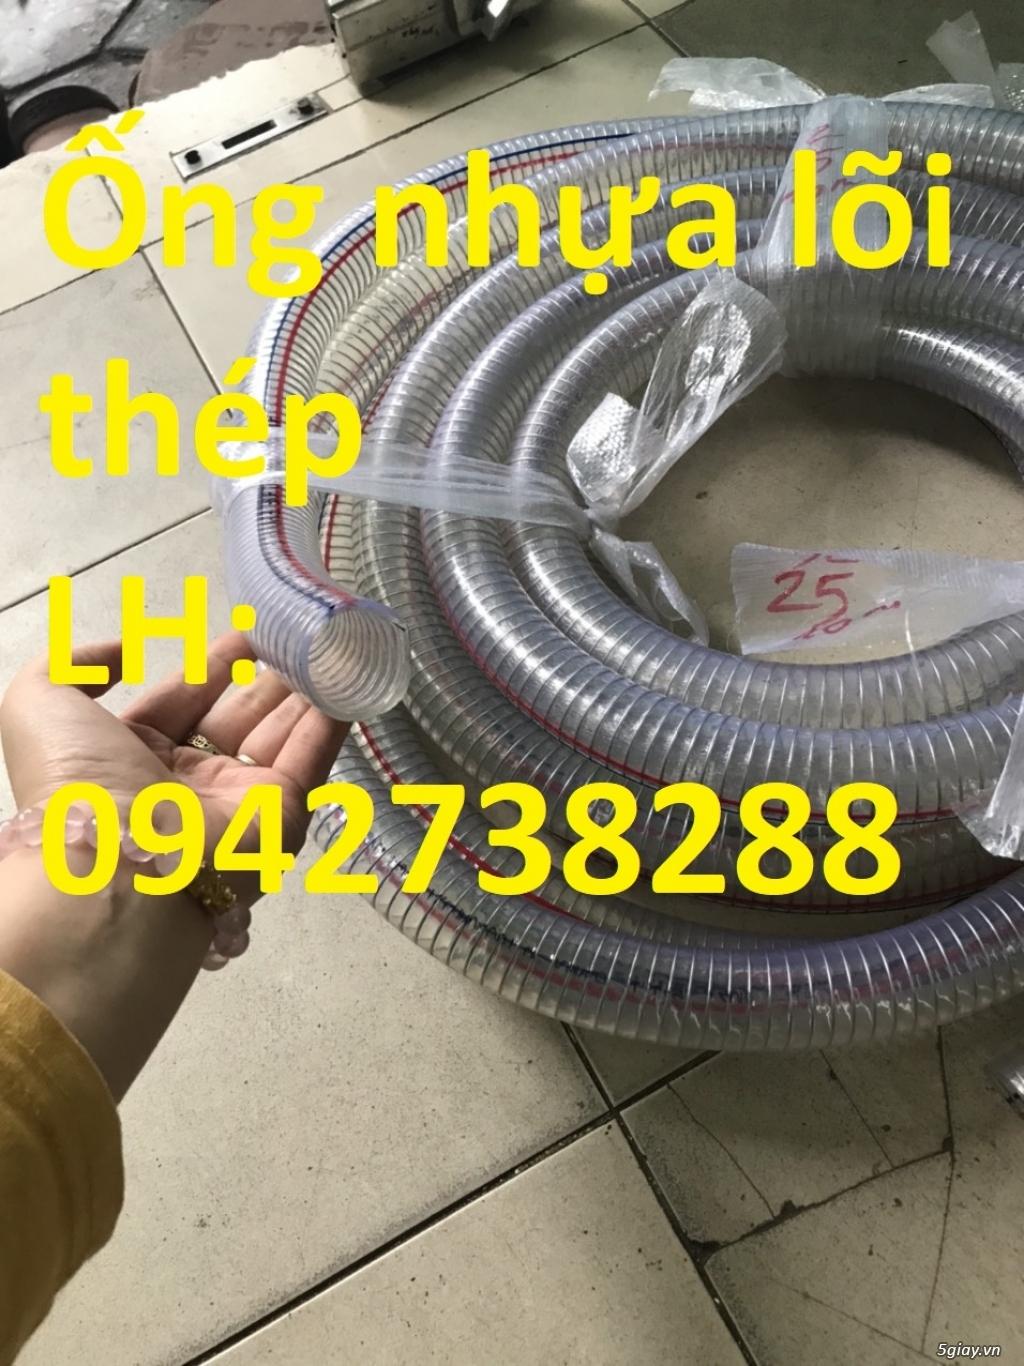 Ứng dụng của ống nhựa mềm lõi thép ohi 60 hàng có sẵn - 1